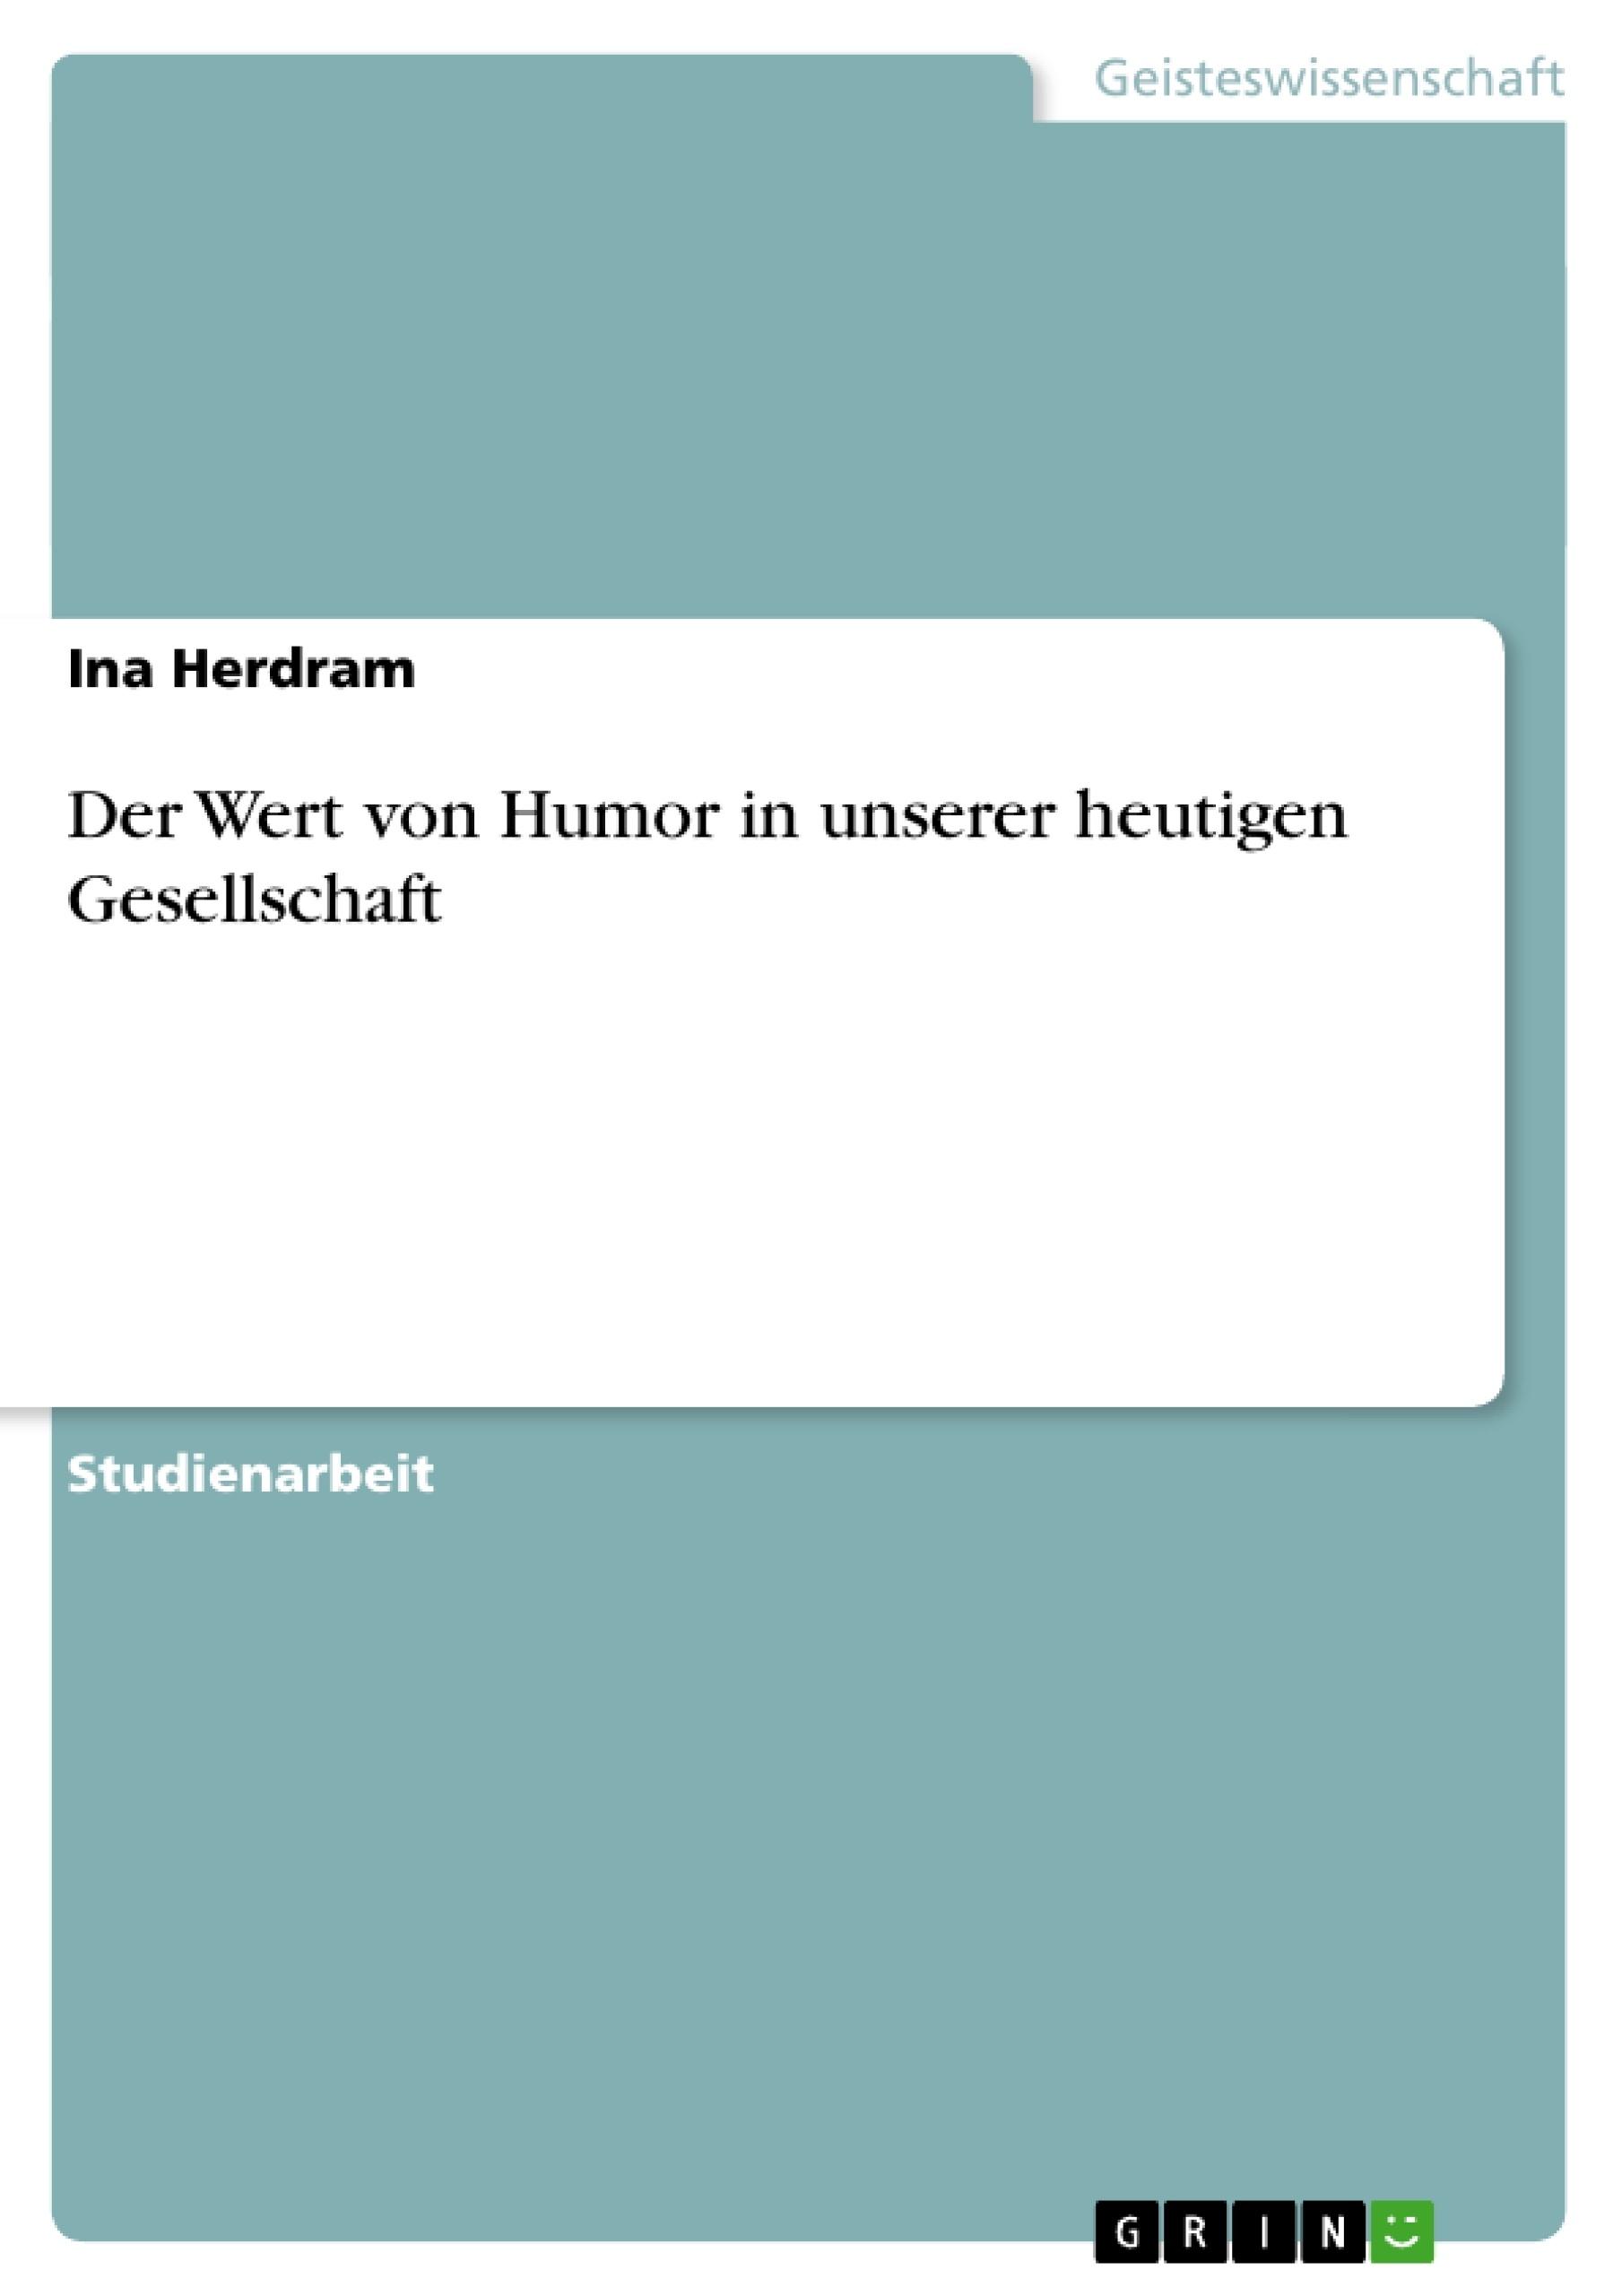 Titel: Der Wert von Humor in unserer heutigen Gesellschaft